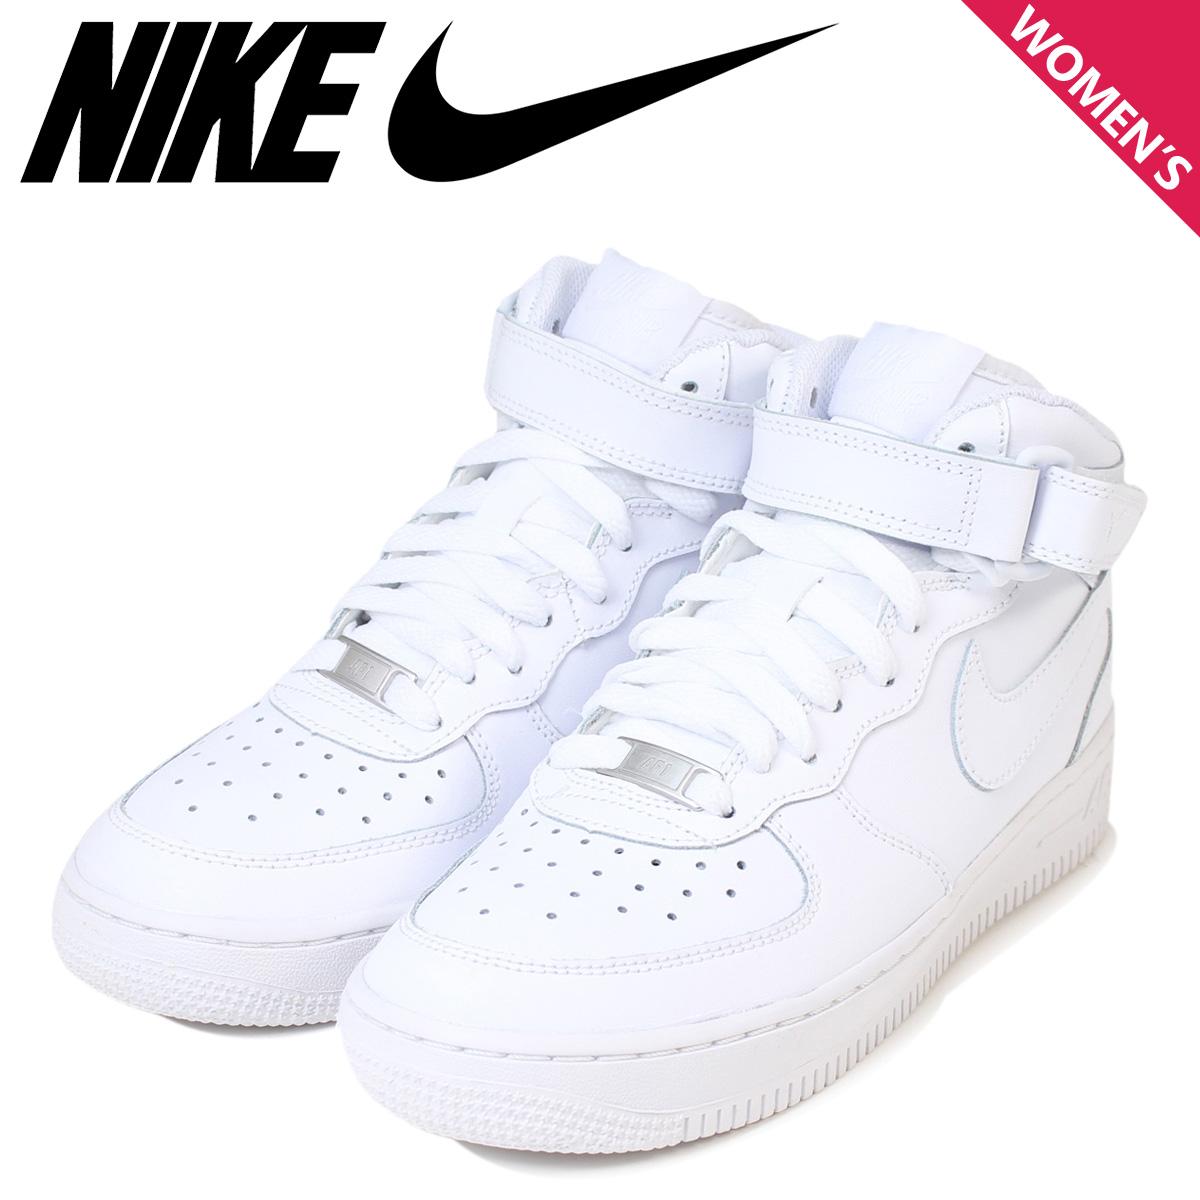 Nike Air Force 1s Pour Les Filles